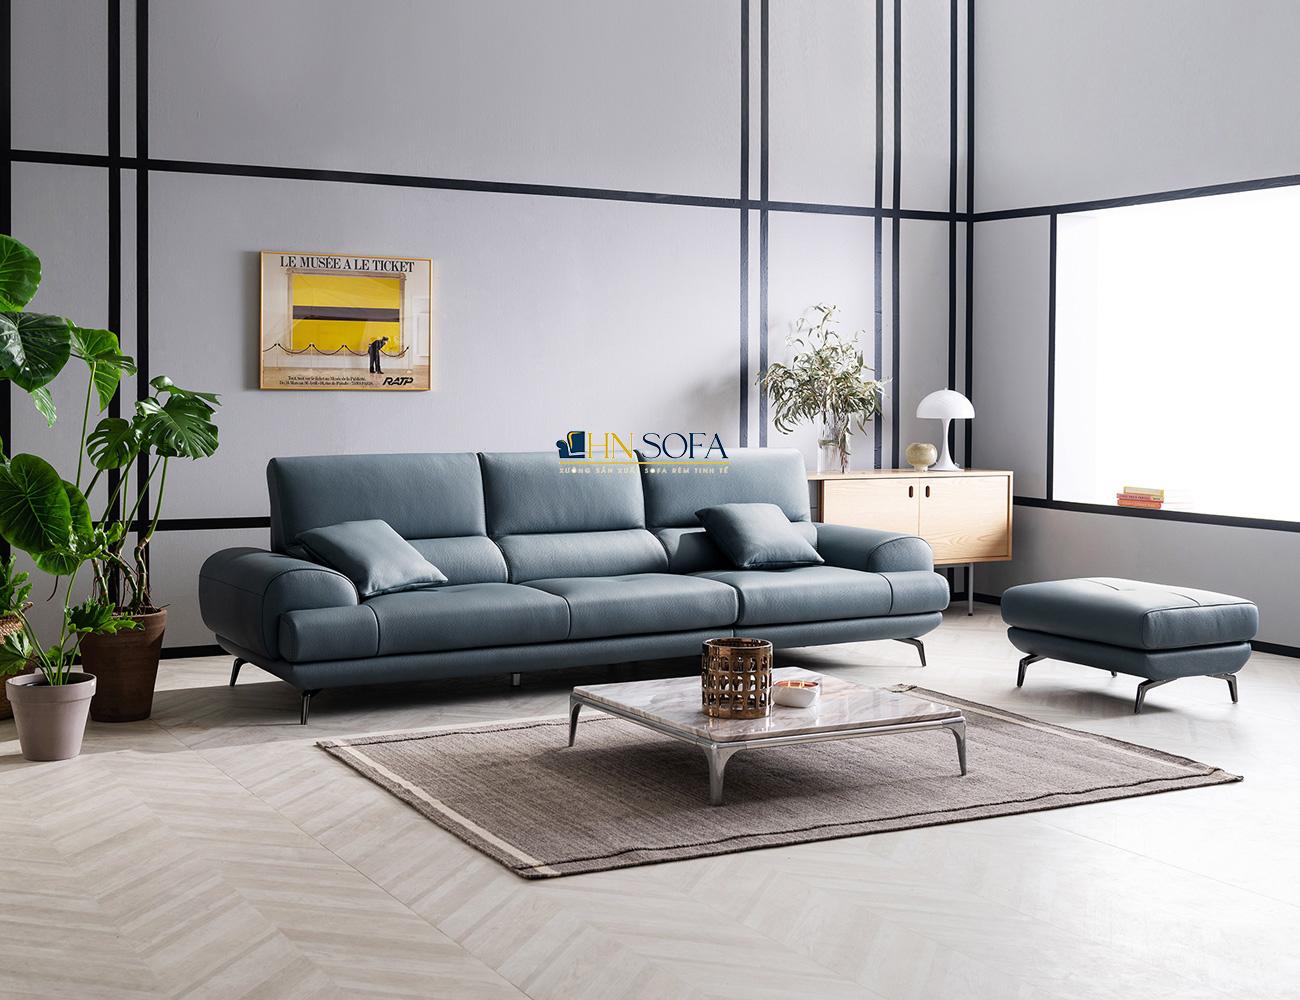 Mẫu sofa HNS33 được thiết kế tinh giản nhưng rất tinh tế